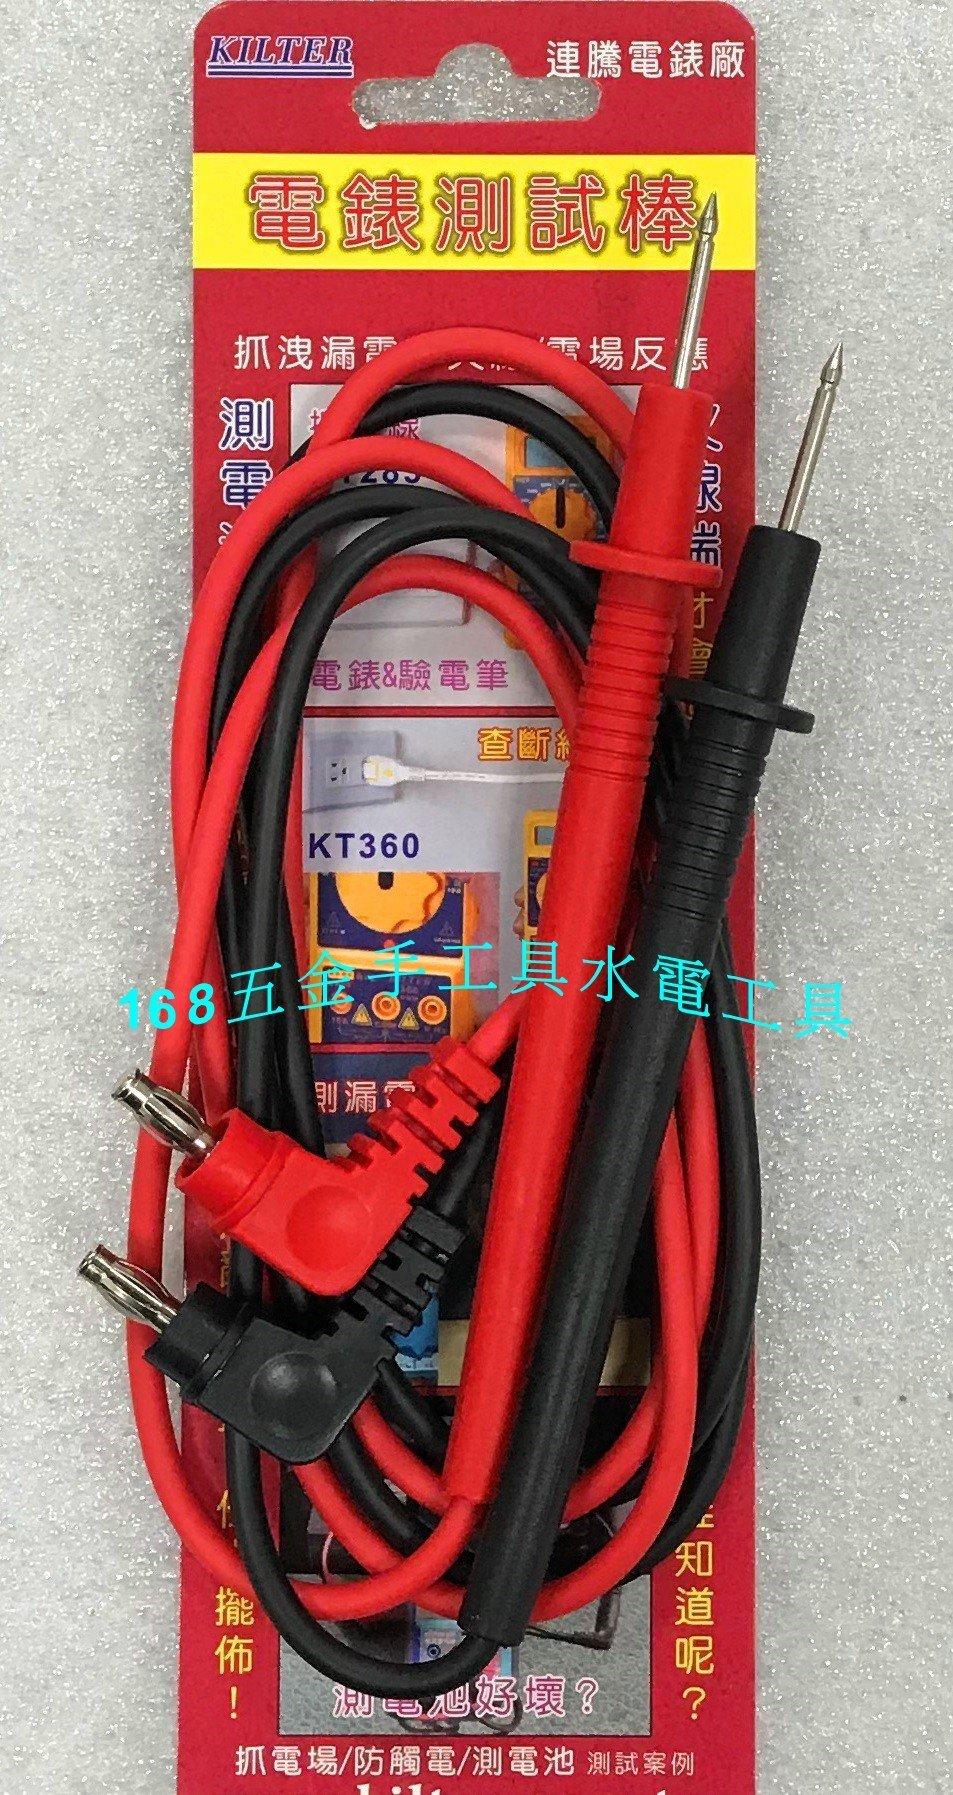 ~168 具~三用電錶測試線:連騰KT-009 萬用型 測試棒 電錶線 電子材料 製